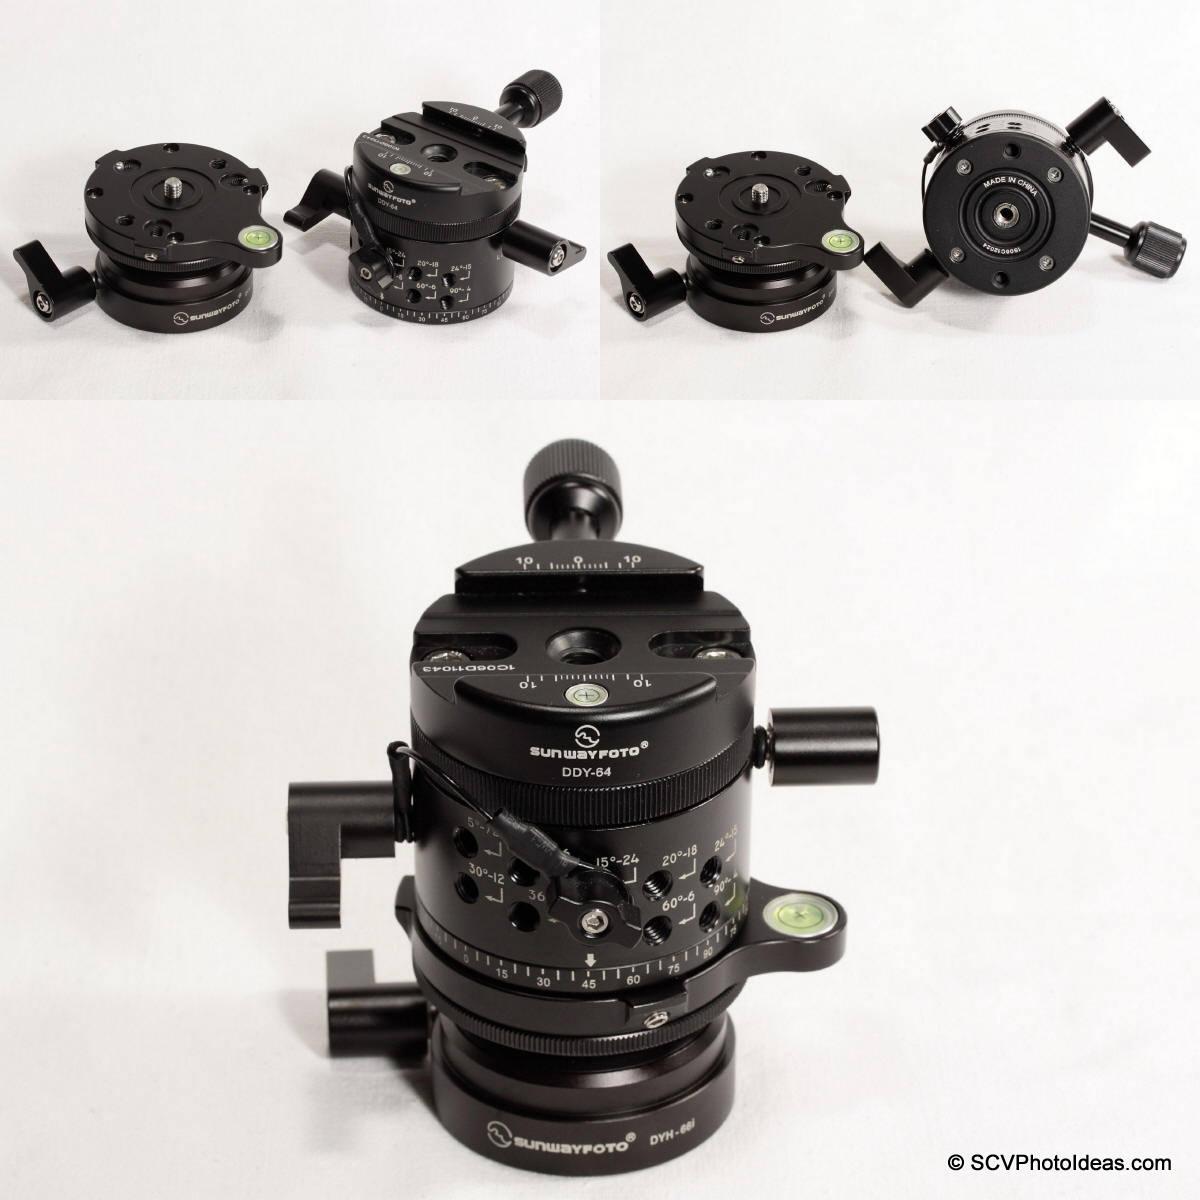 Sunwayfoto DYH-66i & DDP-64M+DDY-64 direct mounting